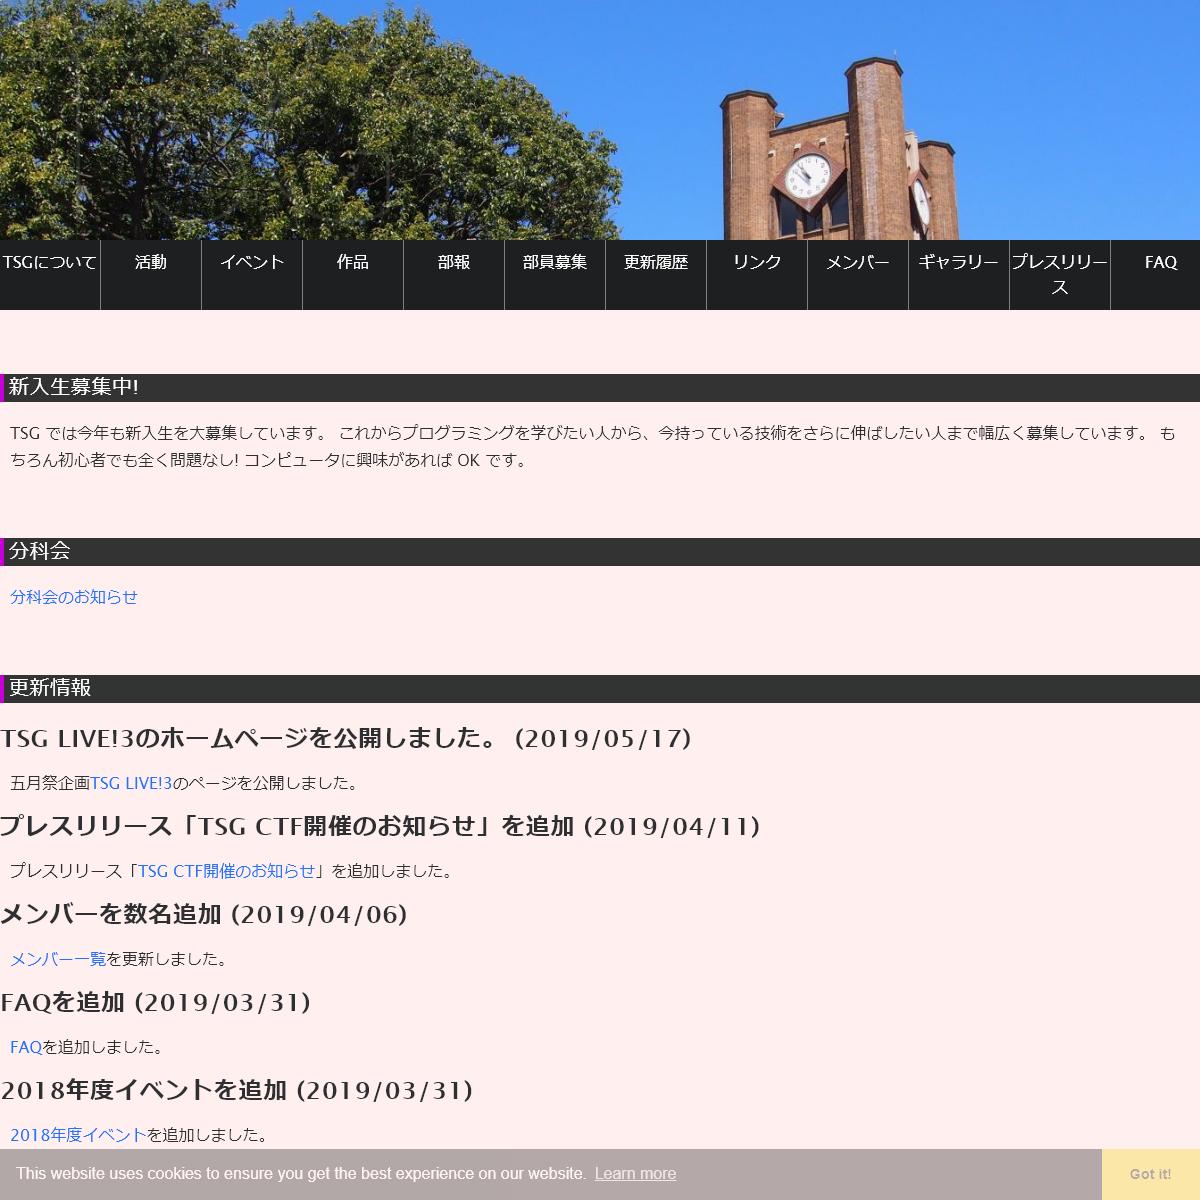 東京大学コンピュータ系サークル TSG